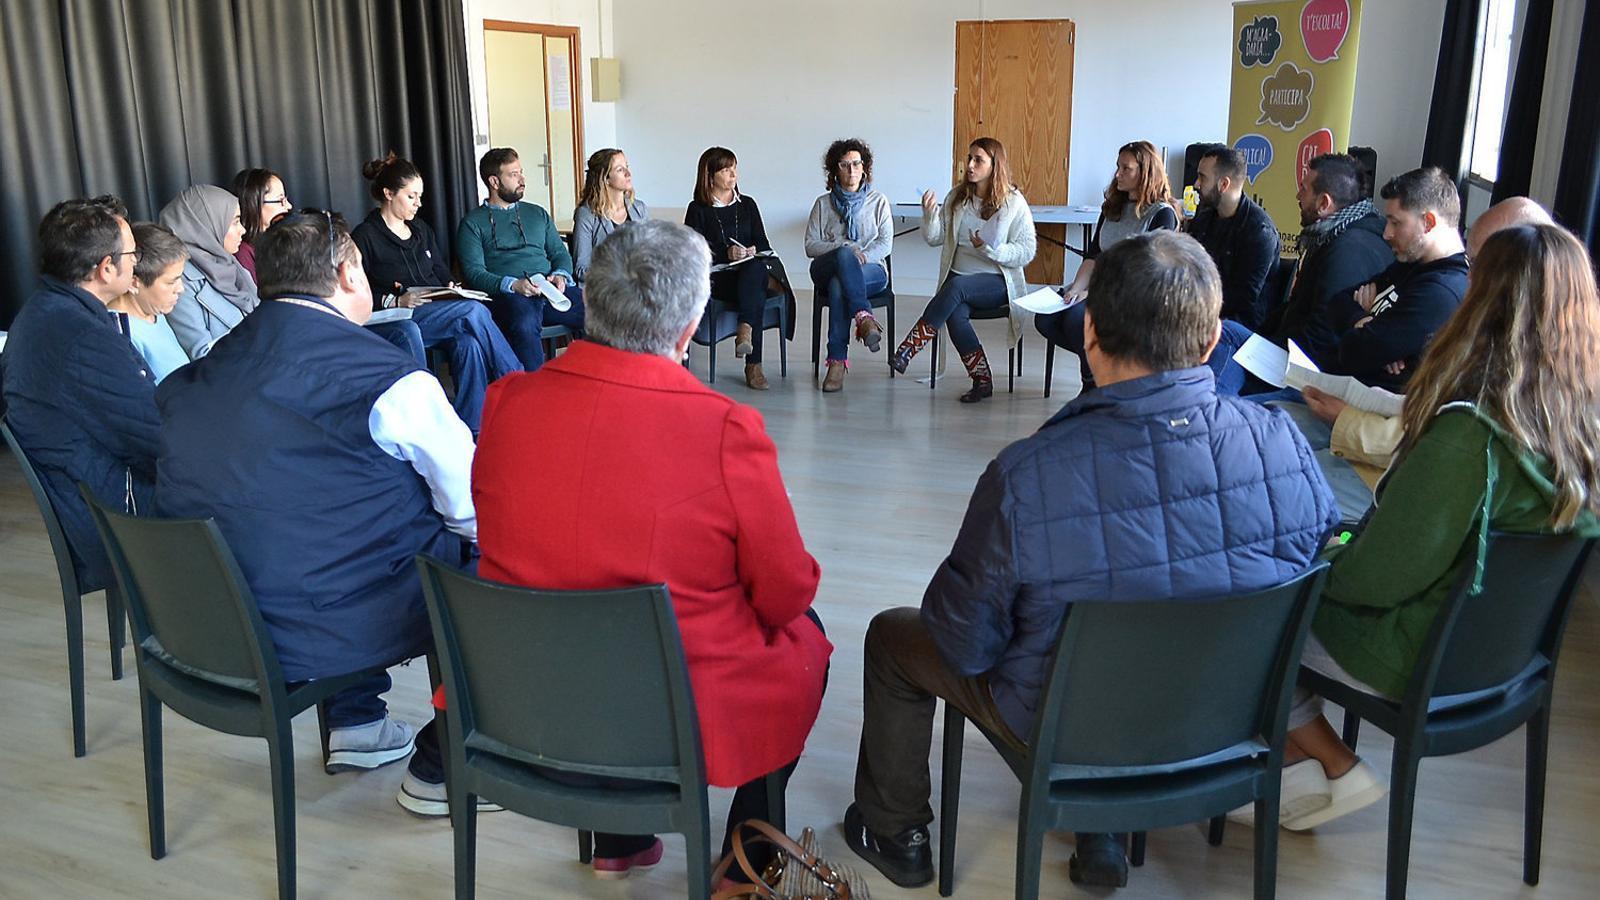 Imagte de la primera part de la reunió, abans de formar-se els grups de treball i debat.